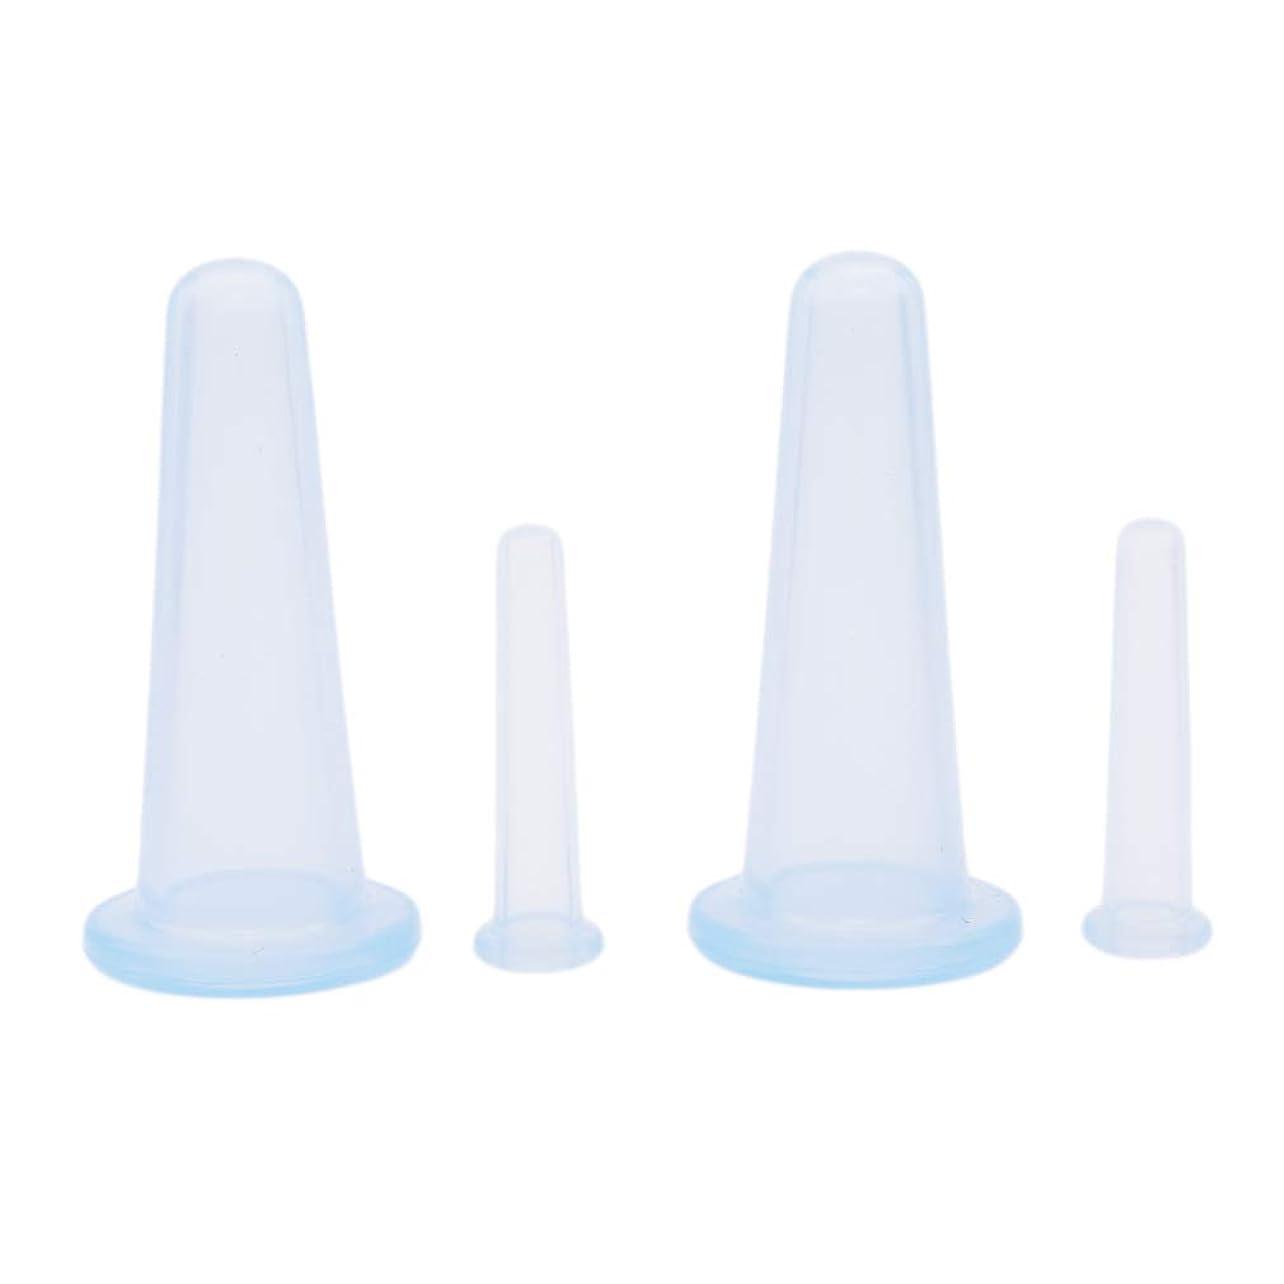 または流す鮮やかなJIOLK 吸玉 真空 カッピング シリコン 血流促進 4個セット マッサージカップ カッピングカップセット ネック 顔 吸圧器 疲労軽減